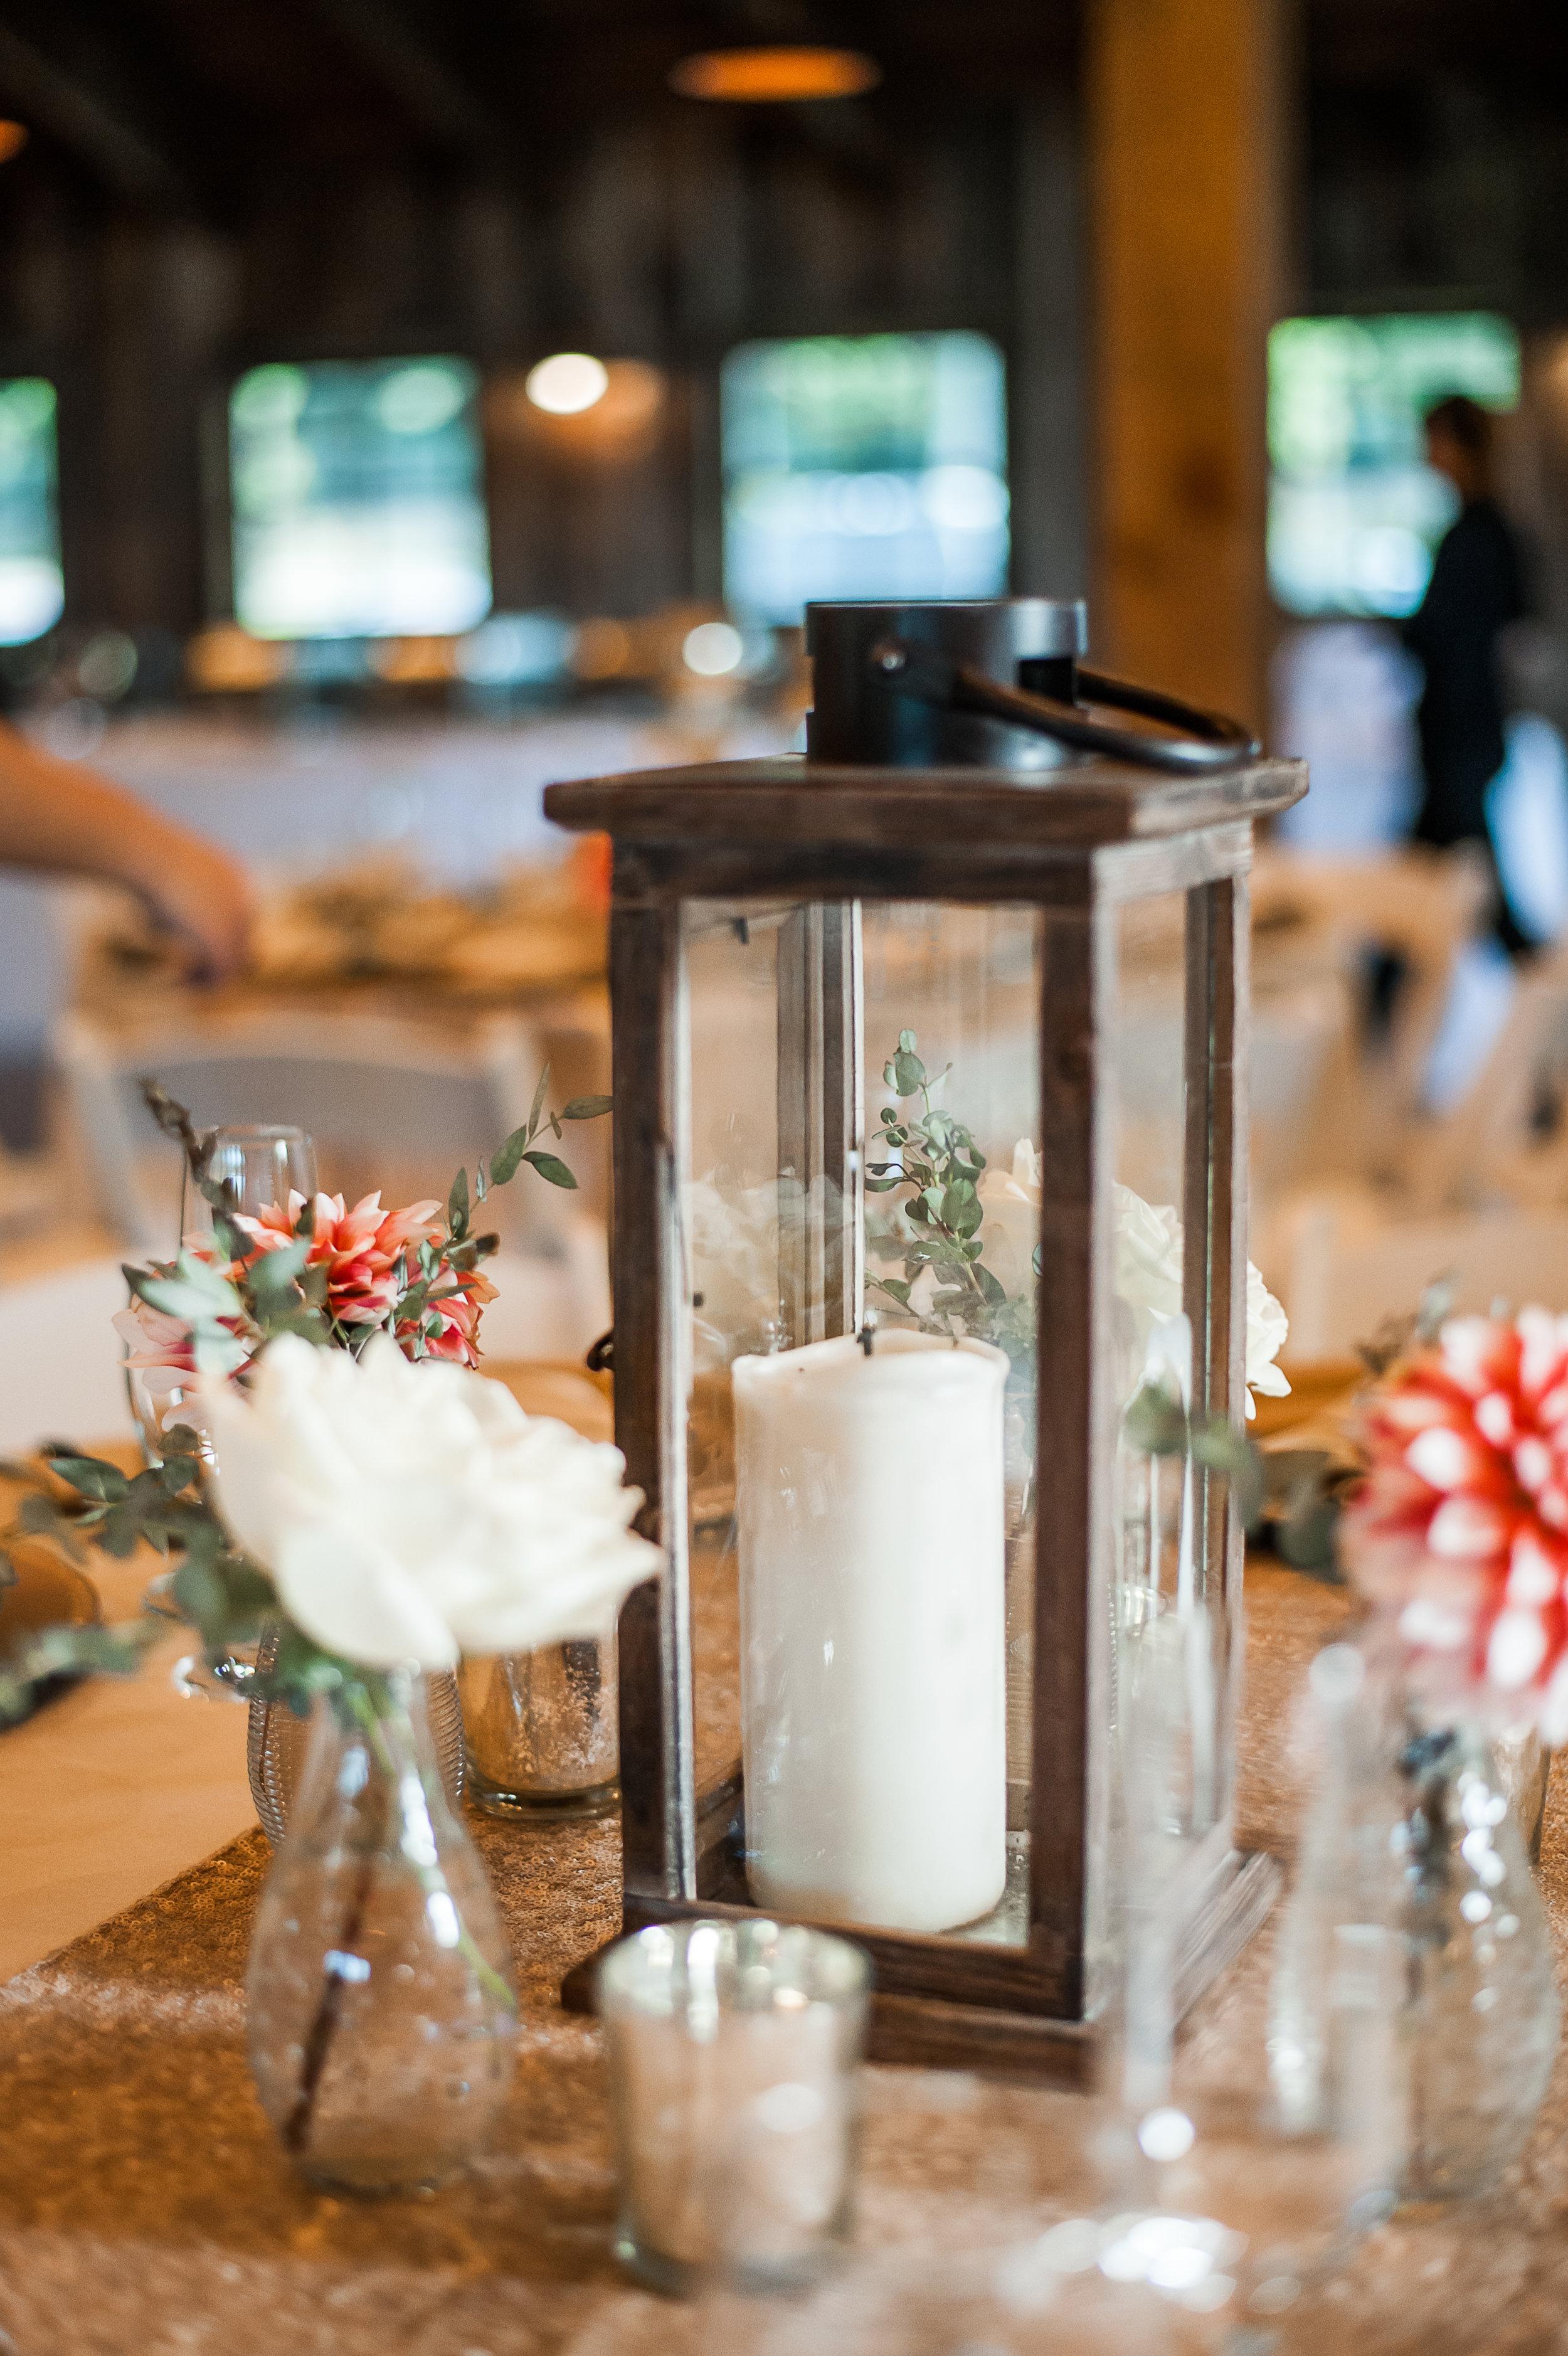 HA-wedding-Van-Wyhe-Photography-296.jpg